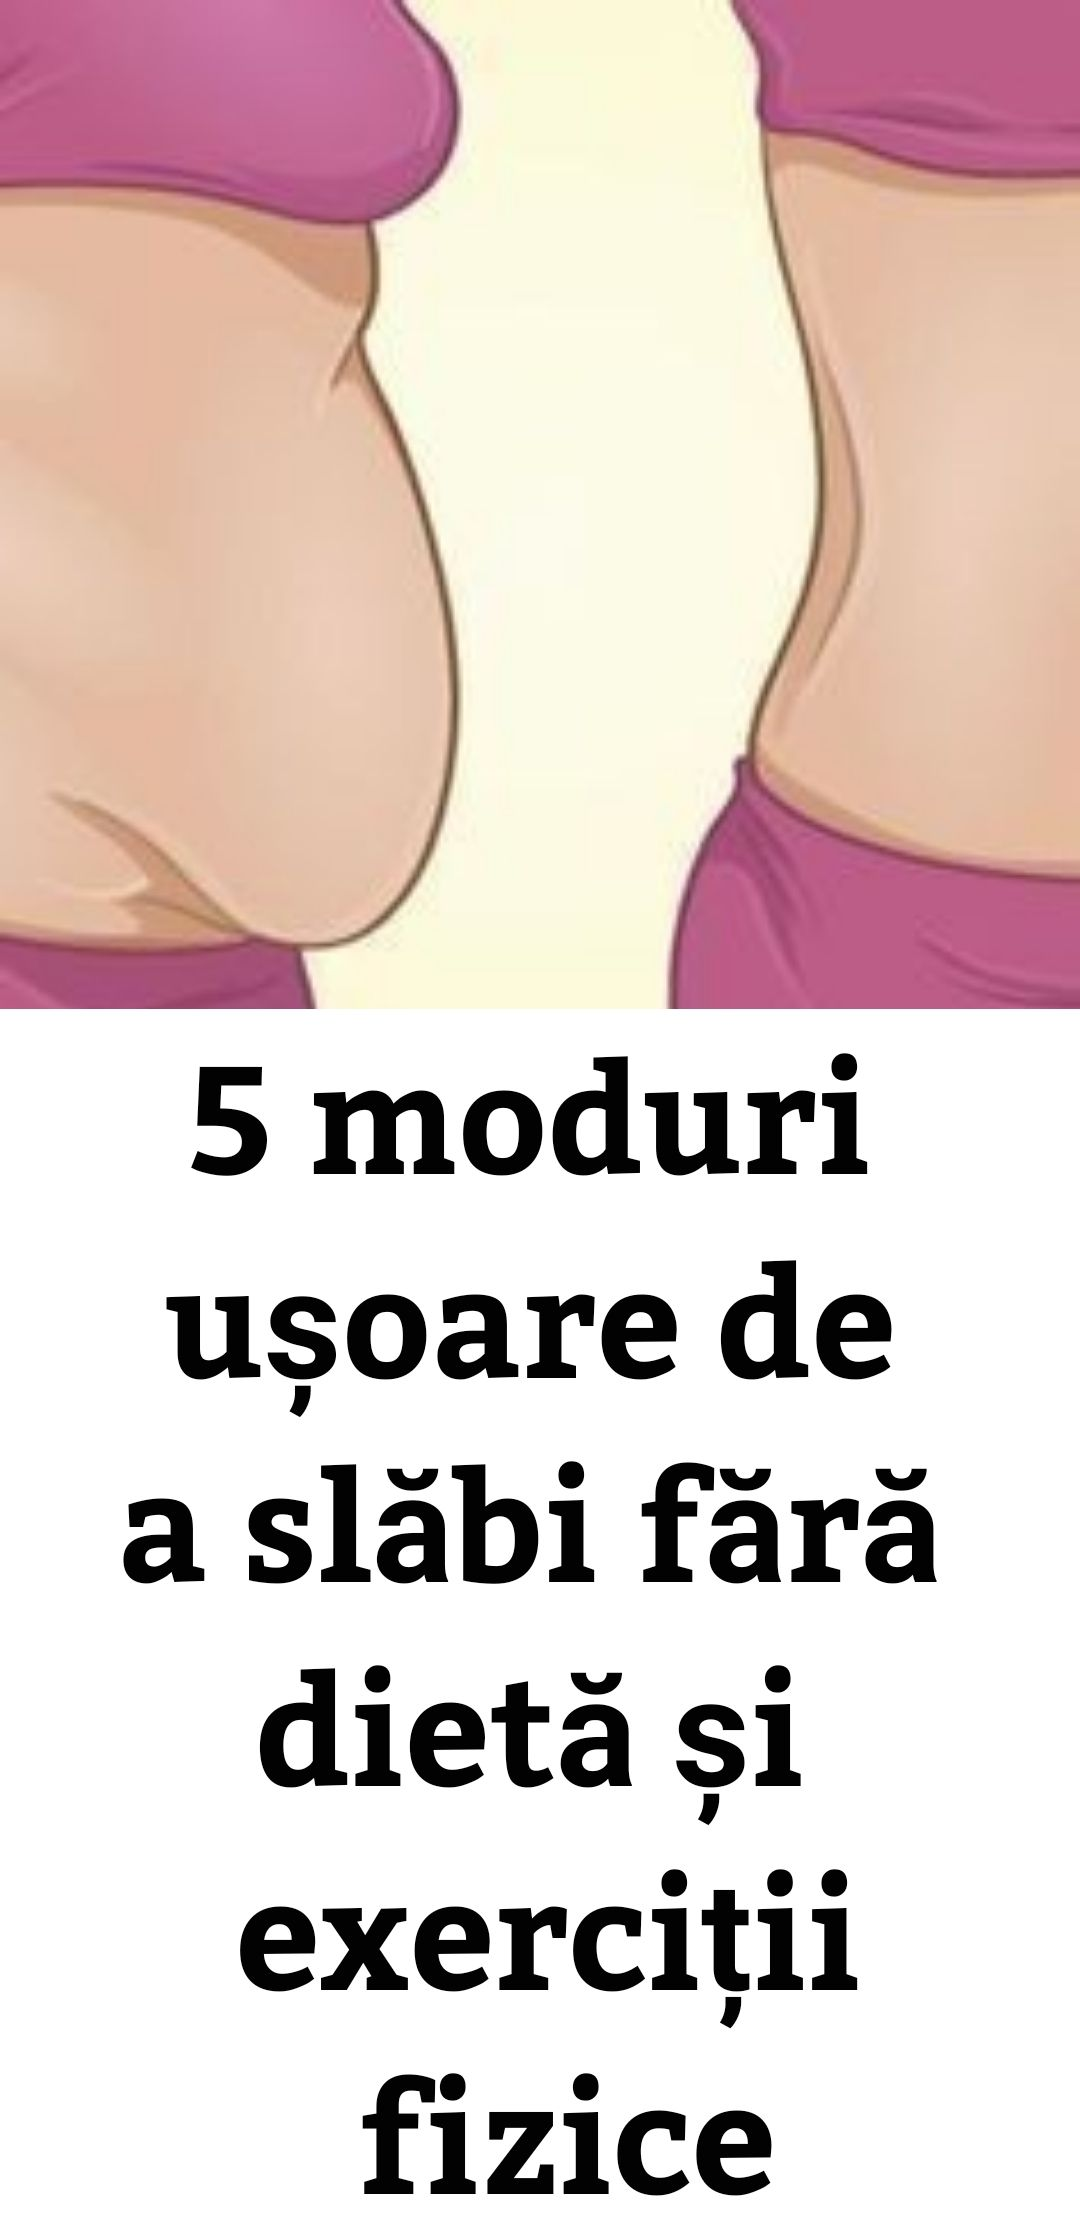 Pierdere în greutate de 5 lire în 1 săptămână)